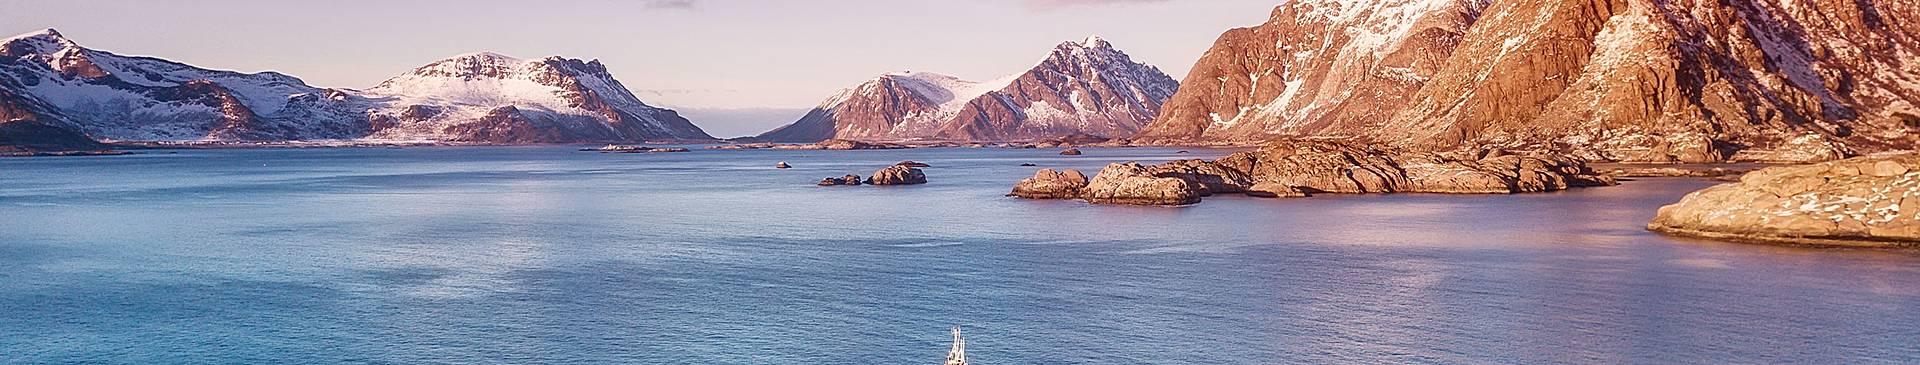 Croisière Fjord et Balade en bateau en Norvège